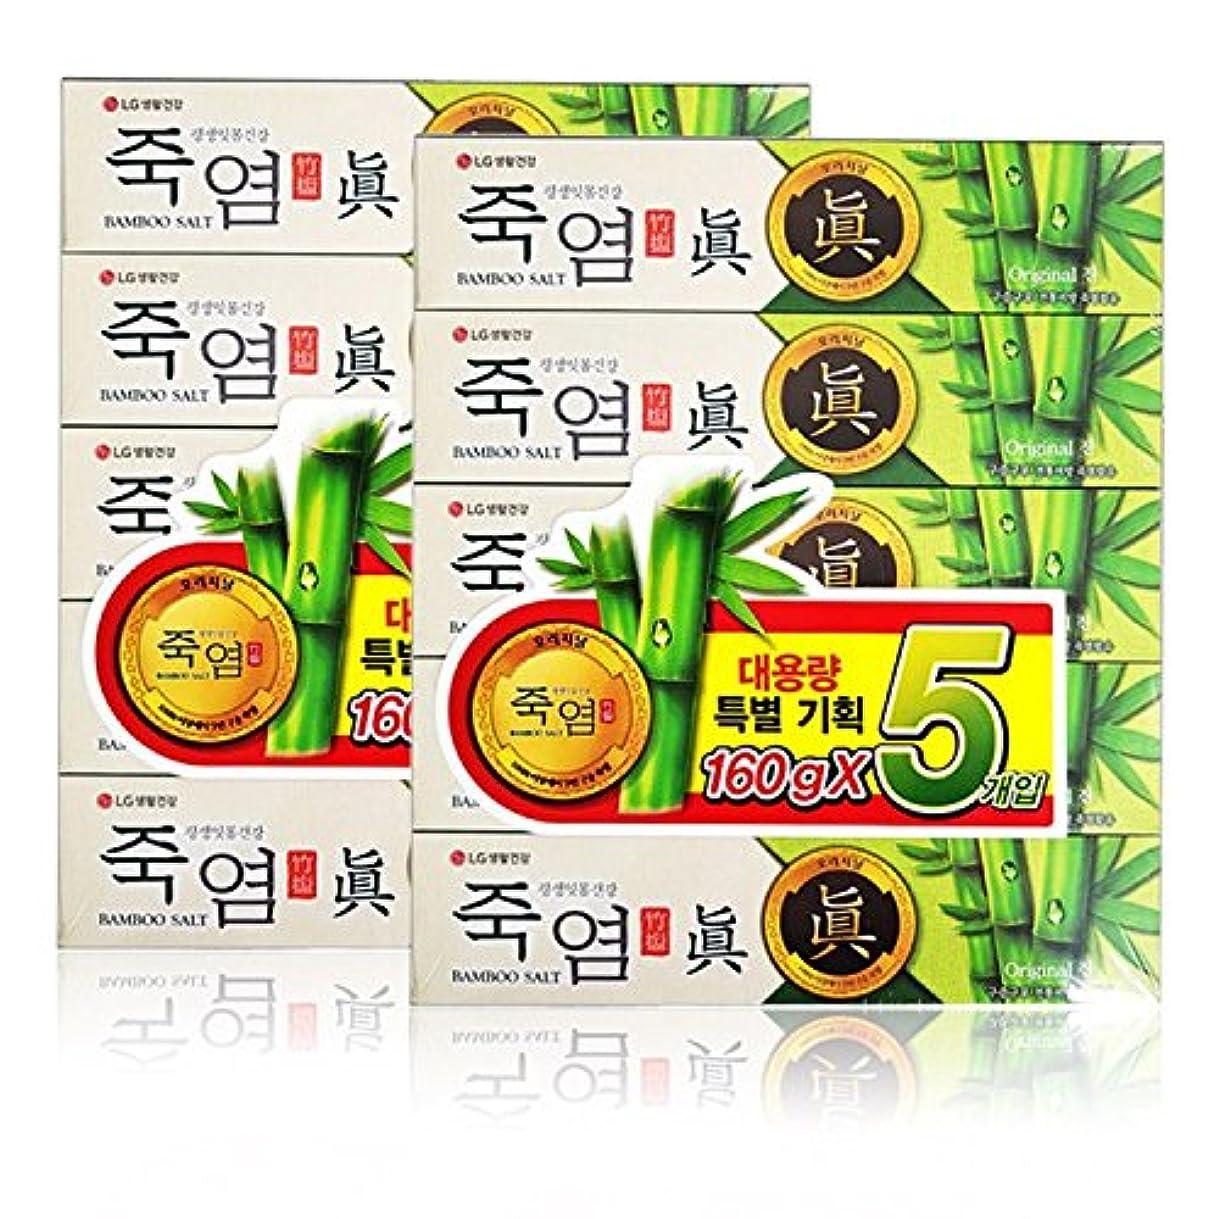 中性ブロックする手数料[LG電子の生活と健康] LG 竹塩オリジナル歯磨き粉160g*10つの(海外直送品)